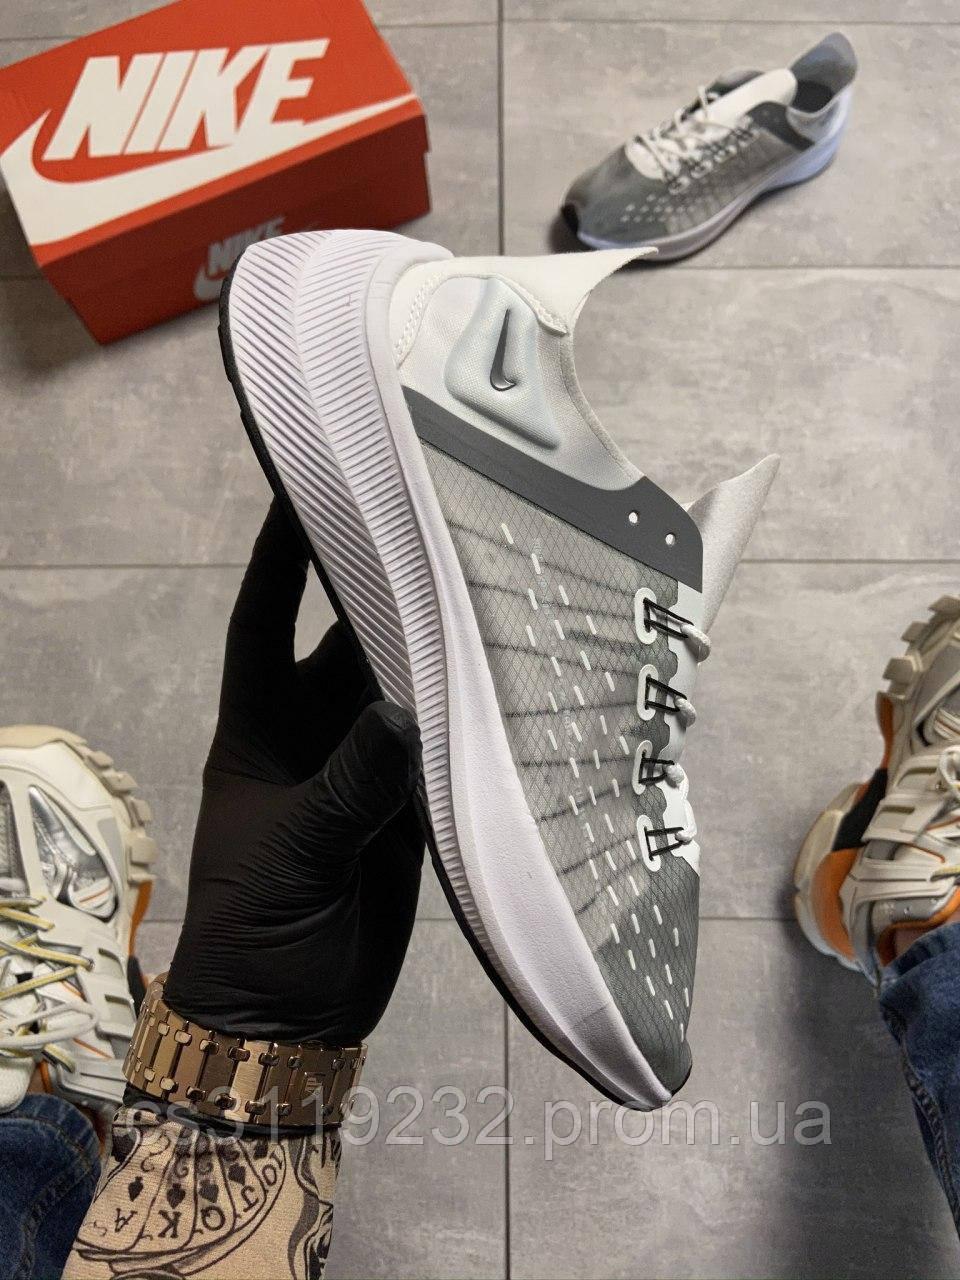 Мужские кроссовки Nike EXP-X14 White Gray (белые)